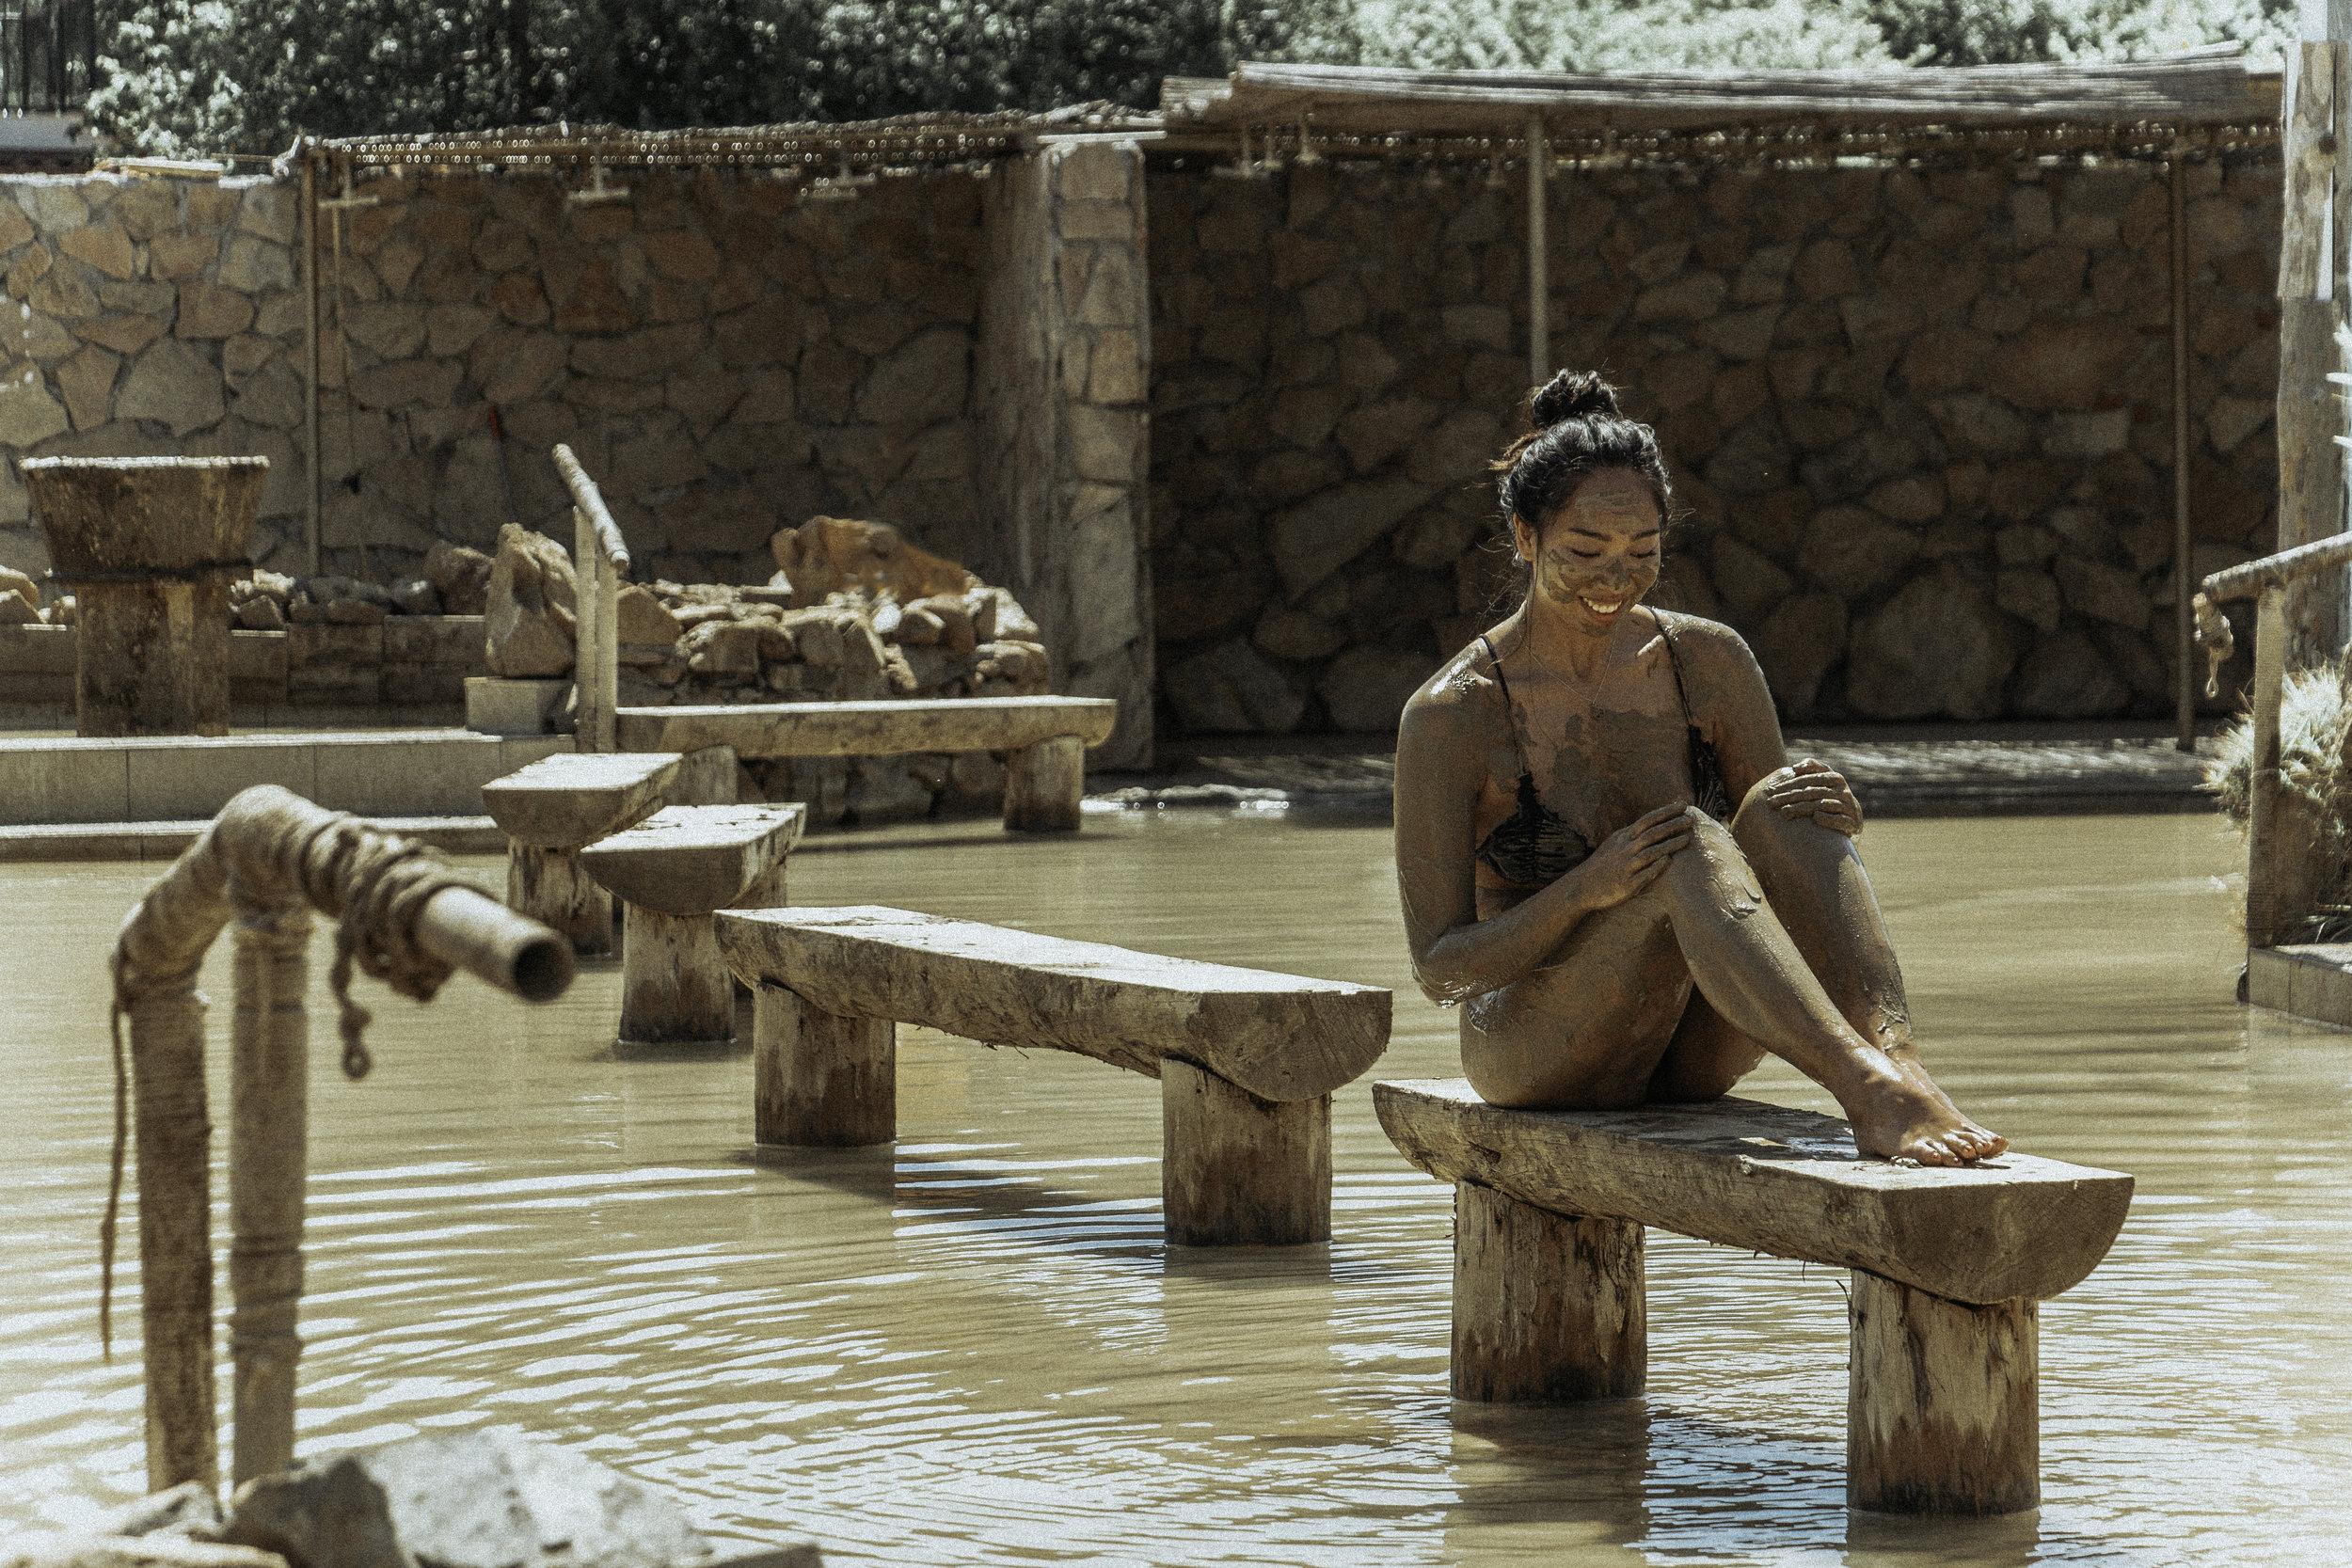 Dalyan-Peloide-Mud-Baths-beplay3体育官方下载illumelation-Dalaman, Turkey.jpg